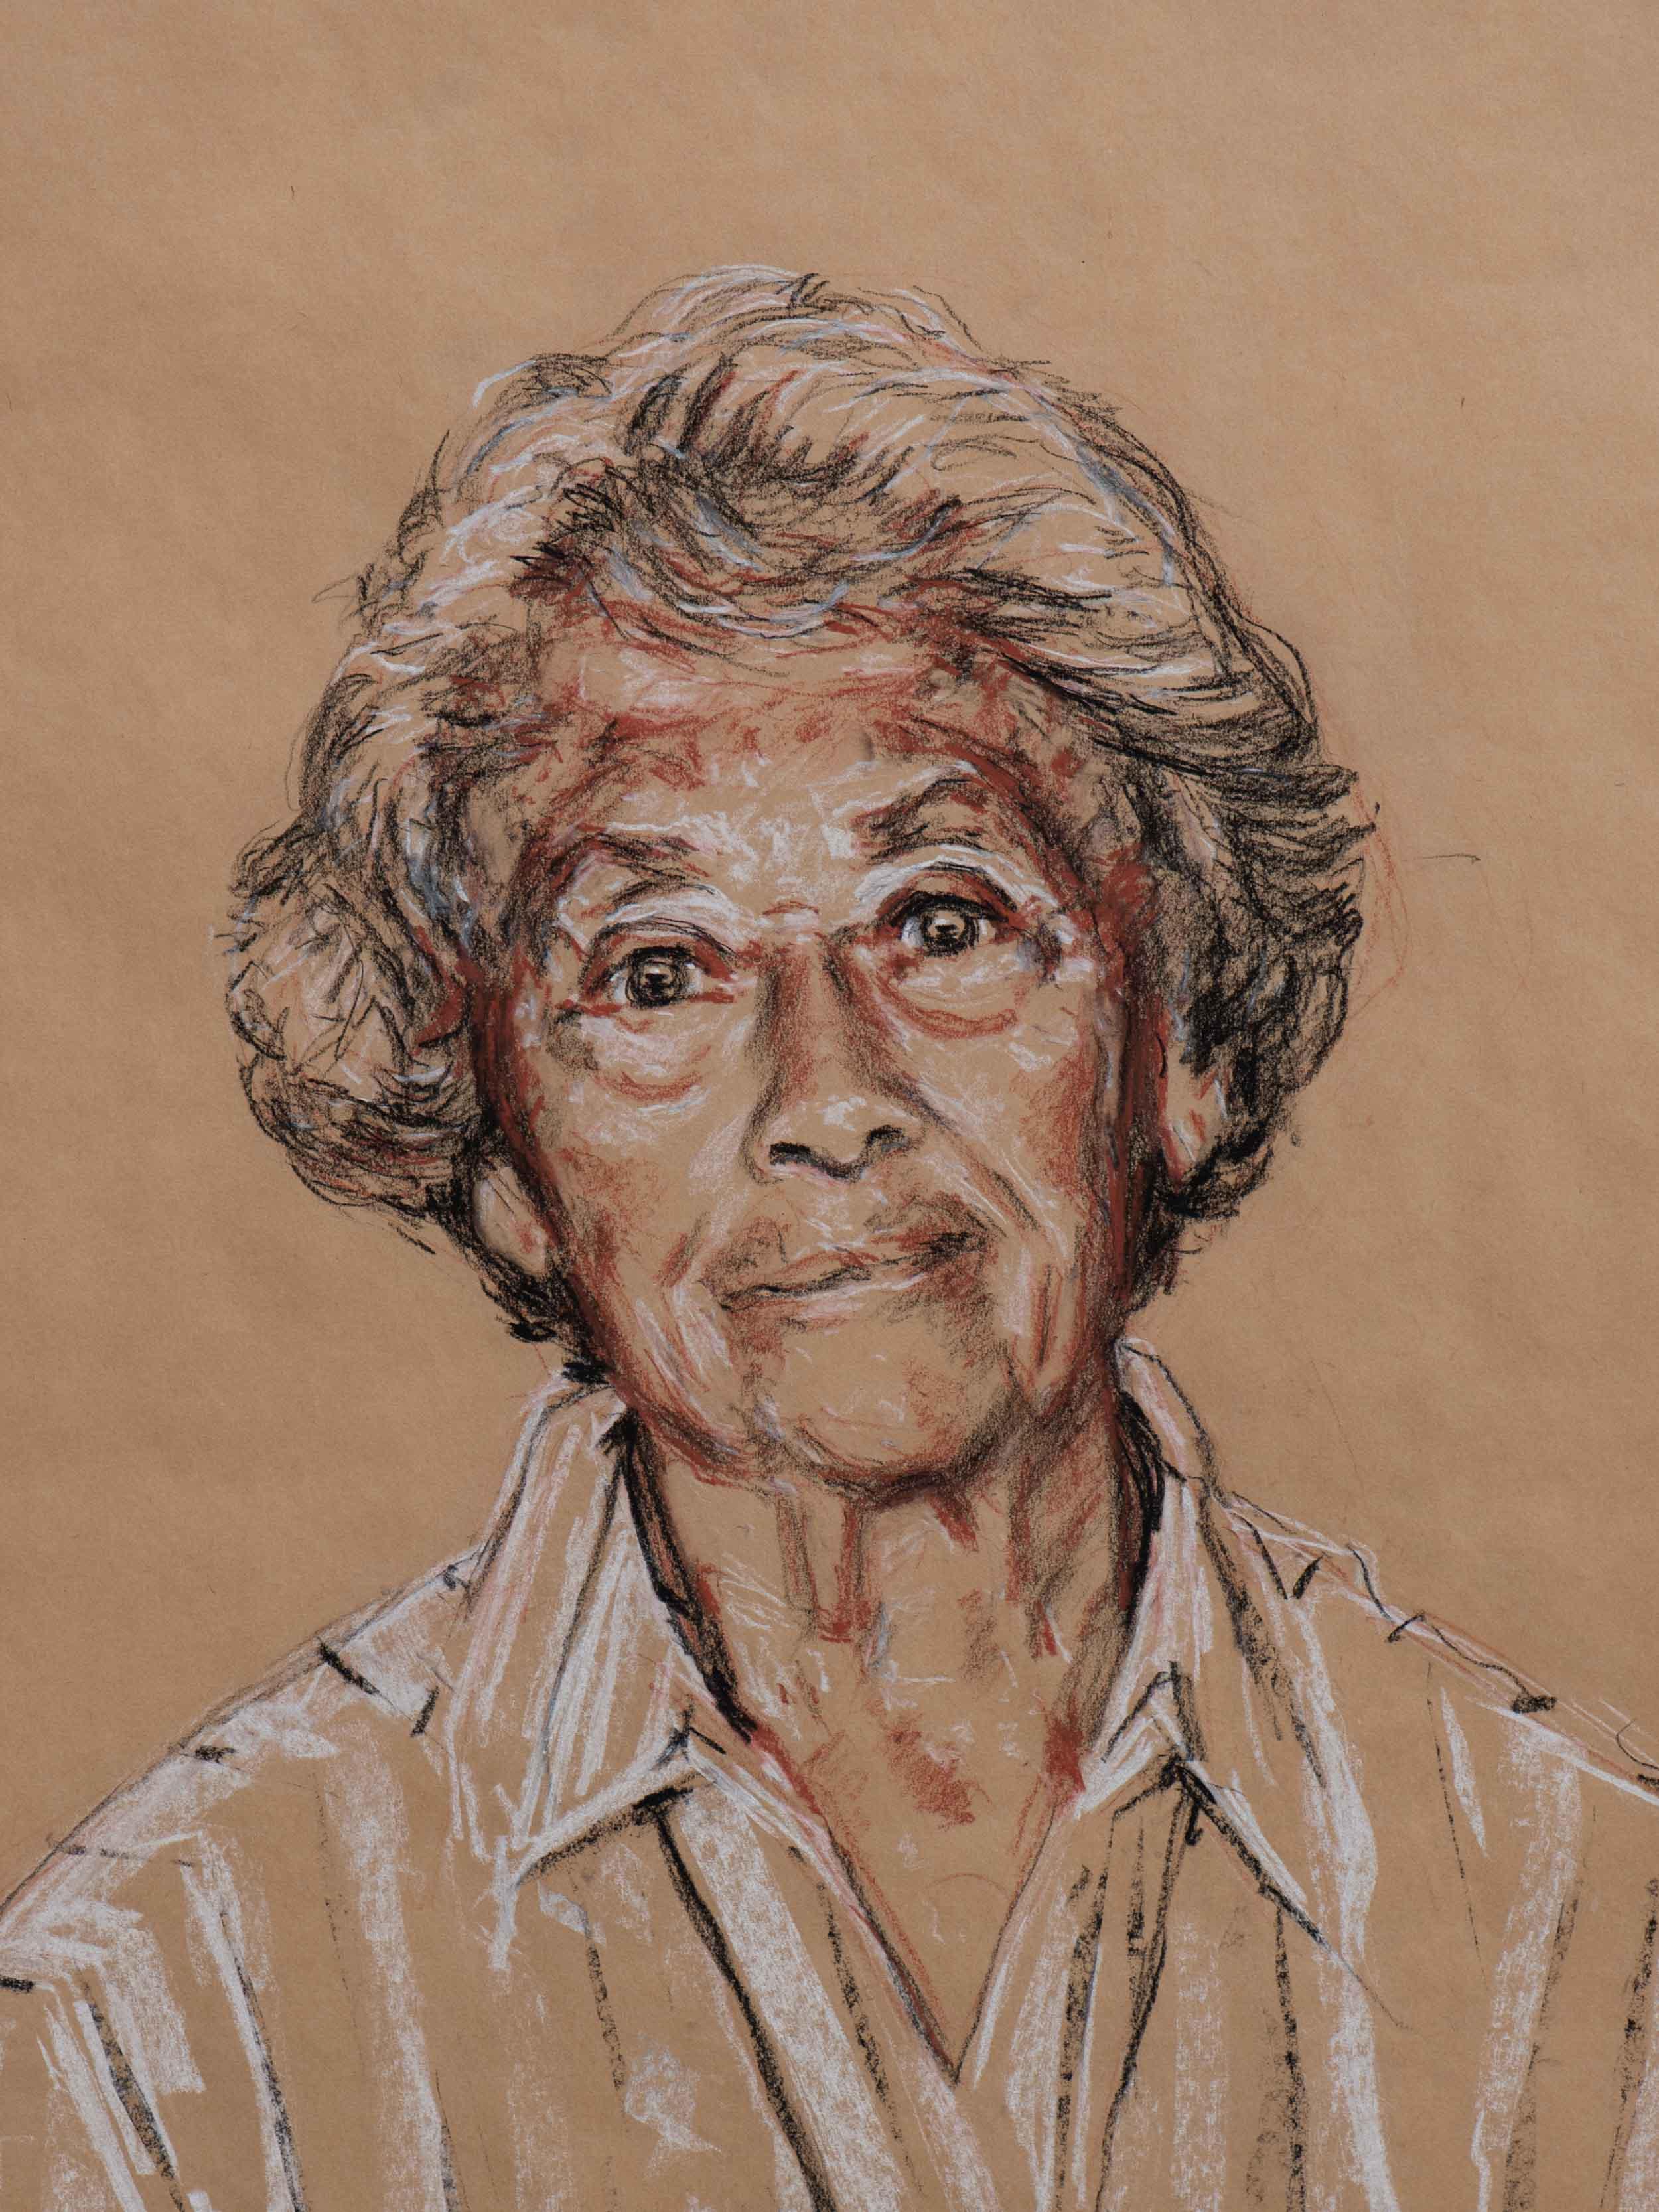 Aunty Mary King (study, 2010)